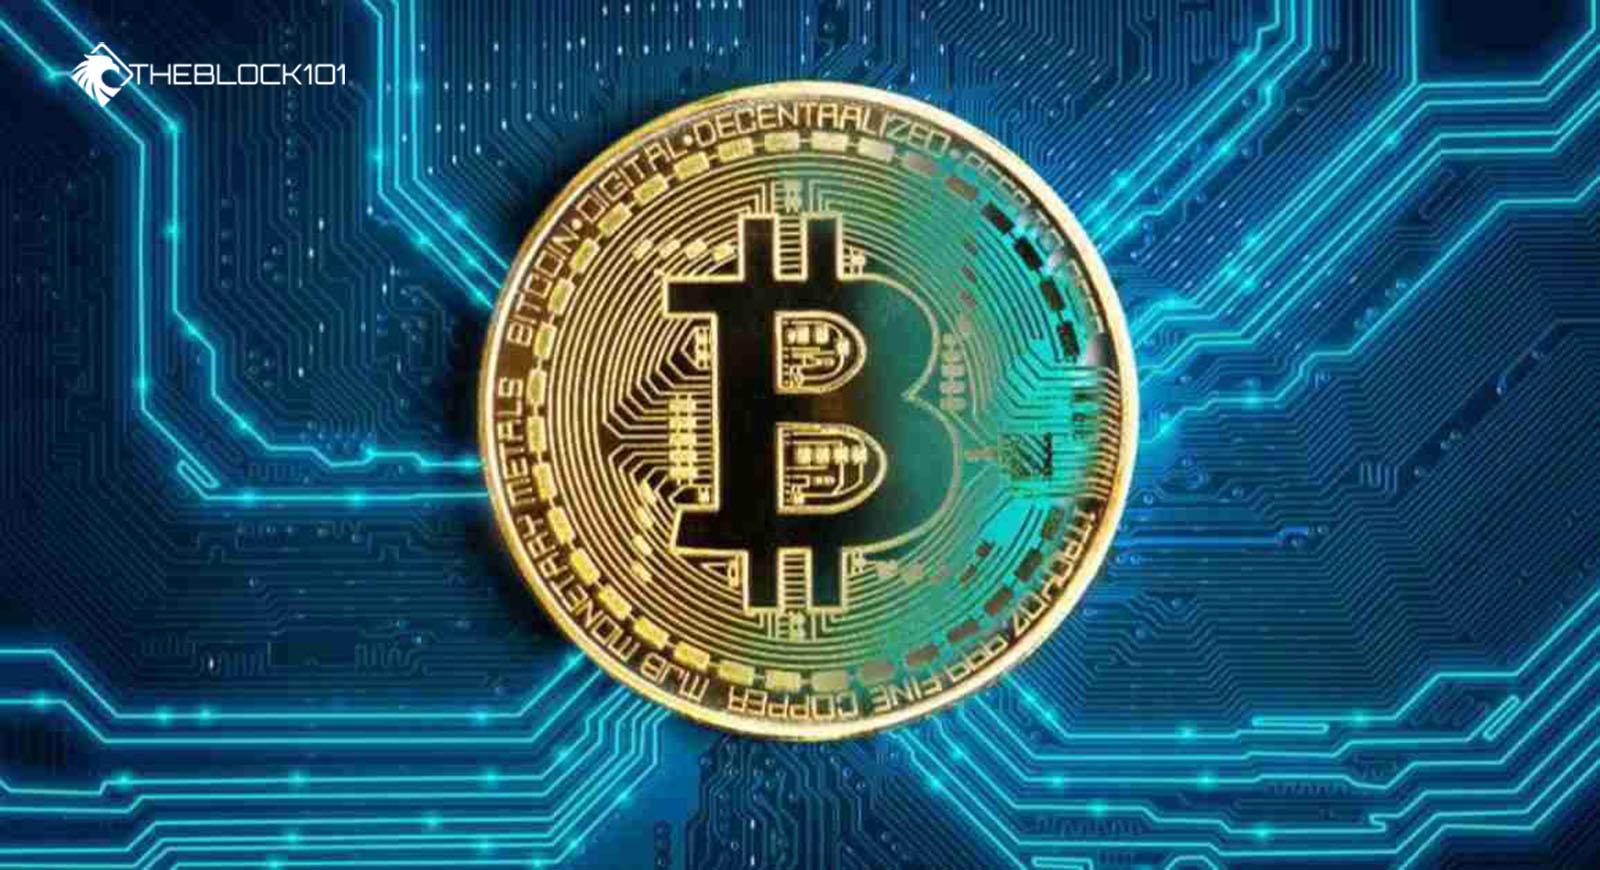 Sàn giao dịch Bitcoin là gì? TOP 5 các sàn giao dịch mua bán Bitcoin và  tiền ảo uy tín tại Việt Nam